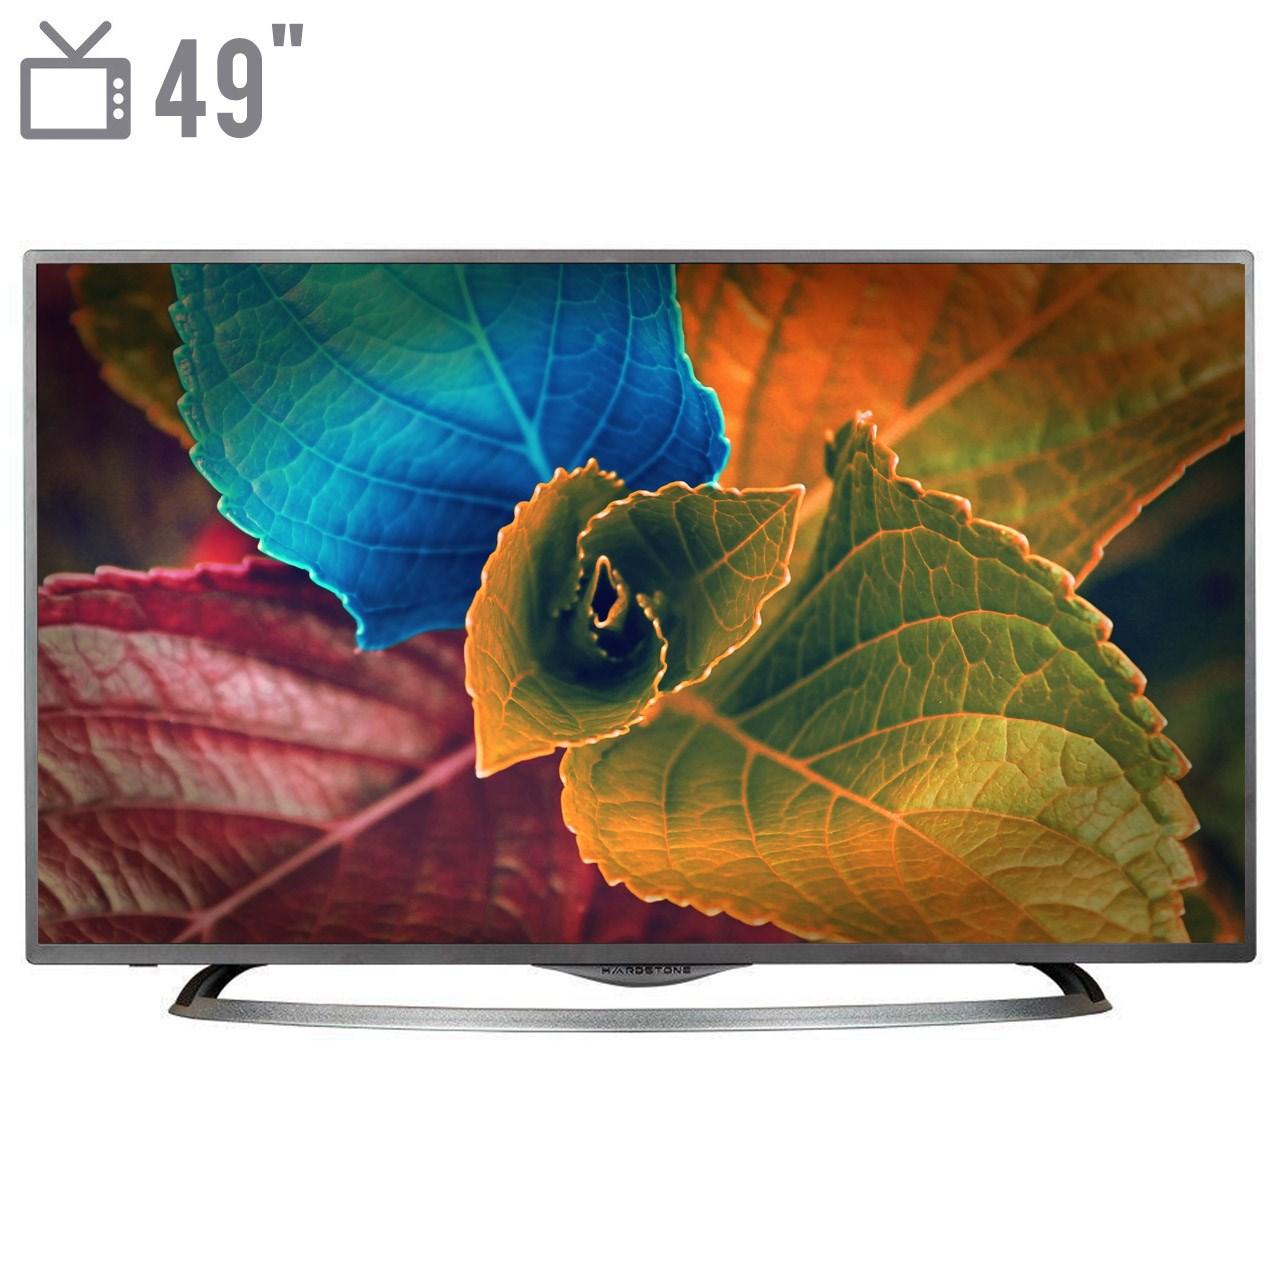 تلویزیون ال ای دی هوشمند هاردستون مدل 49SF6585 سایز 49 اینچ